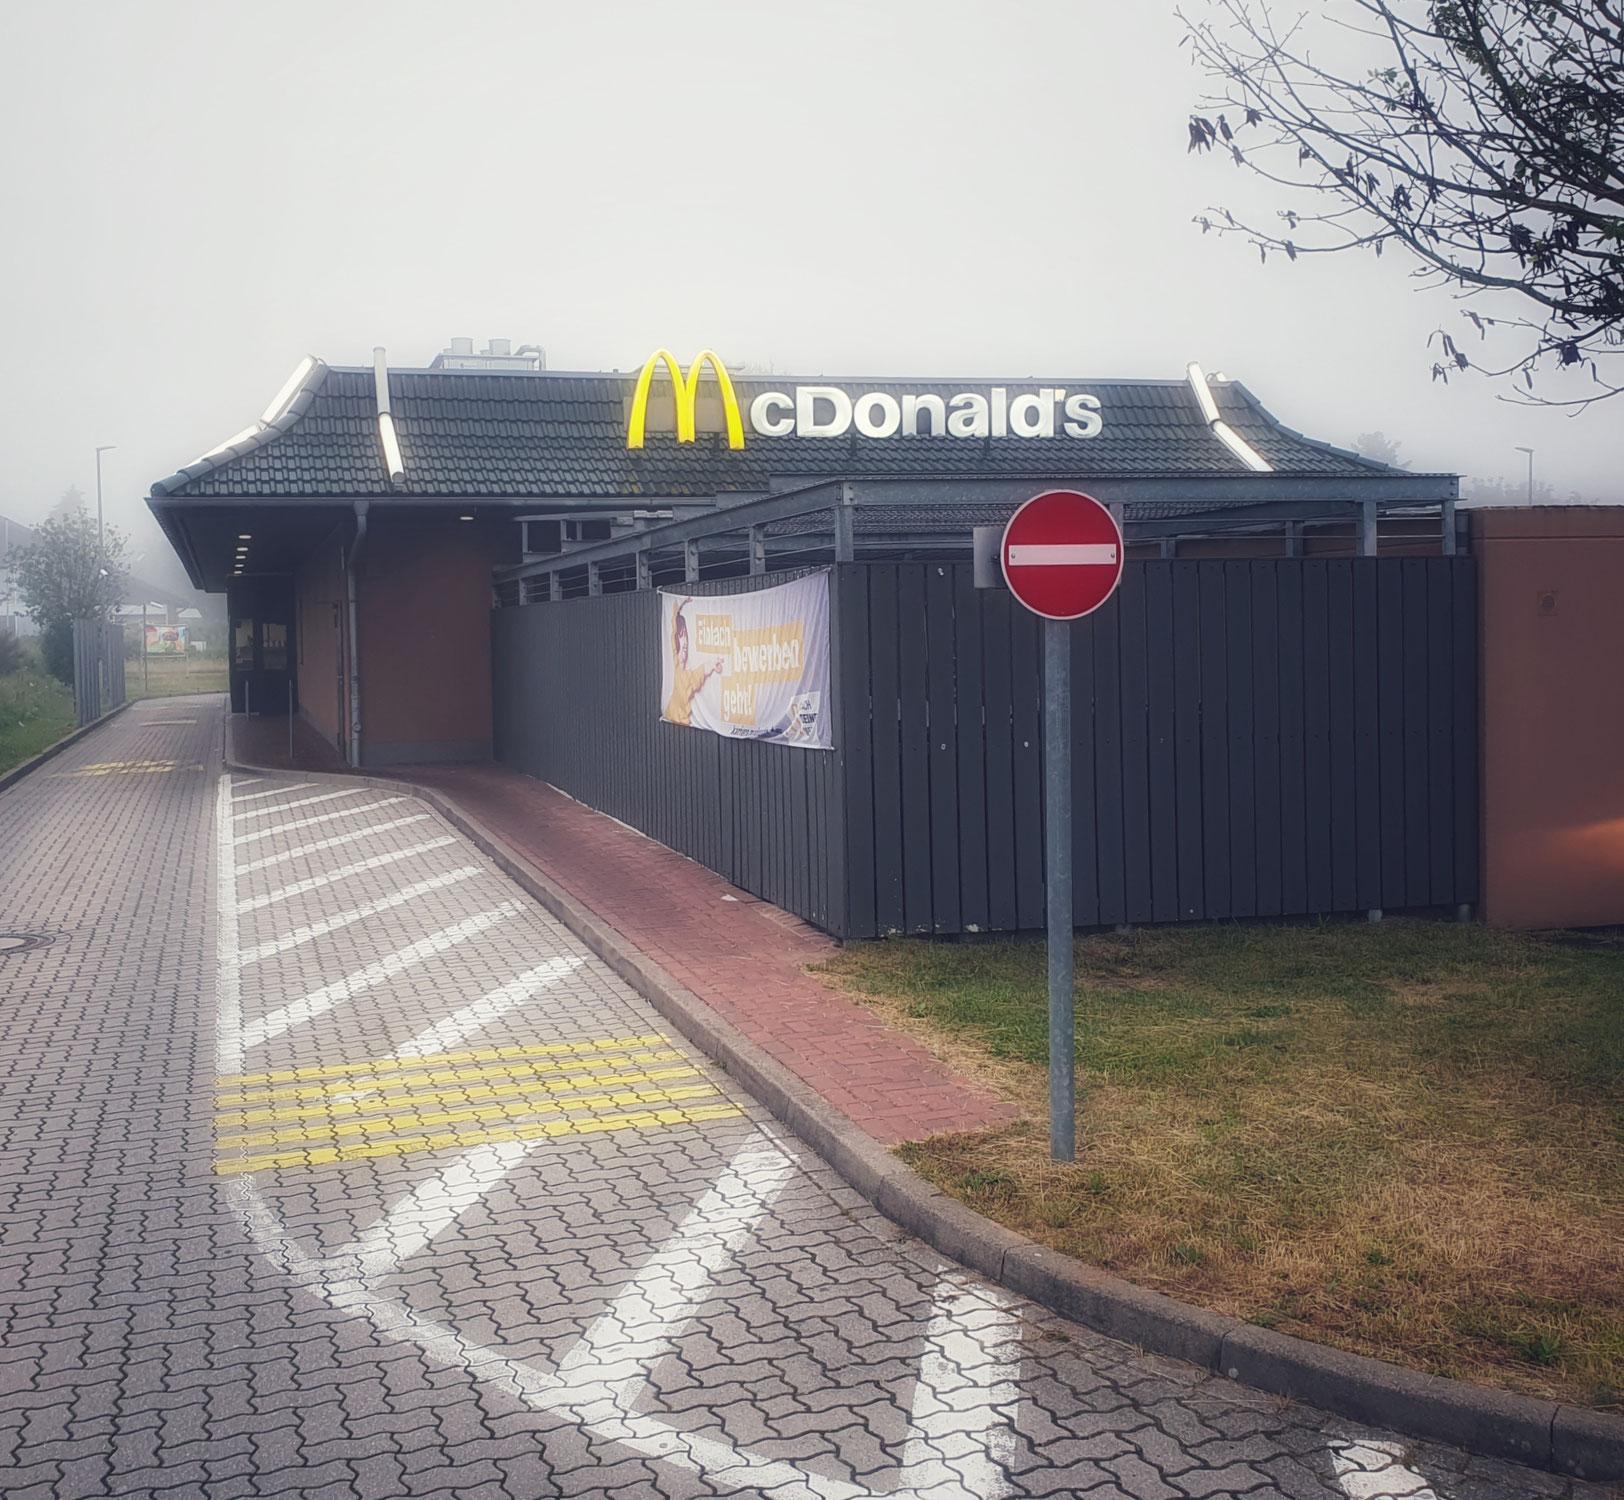 Podcast Folge 32 Bei McDonald's gibt's auch kein rohes Fleisch umsonst - Bildbearbeitung und Preisgrundlage